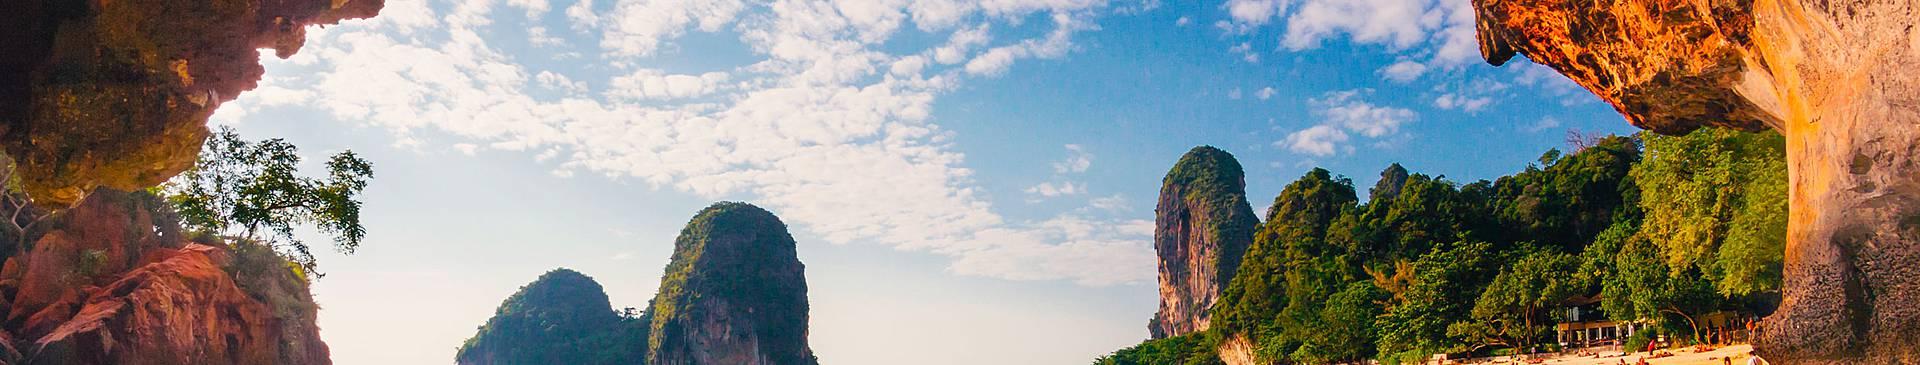 Voyage nature en Thaïlande